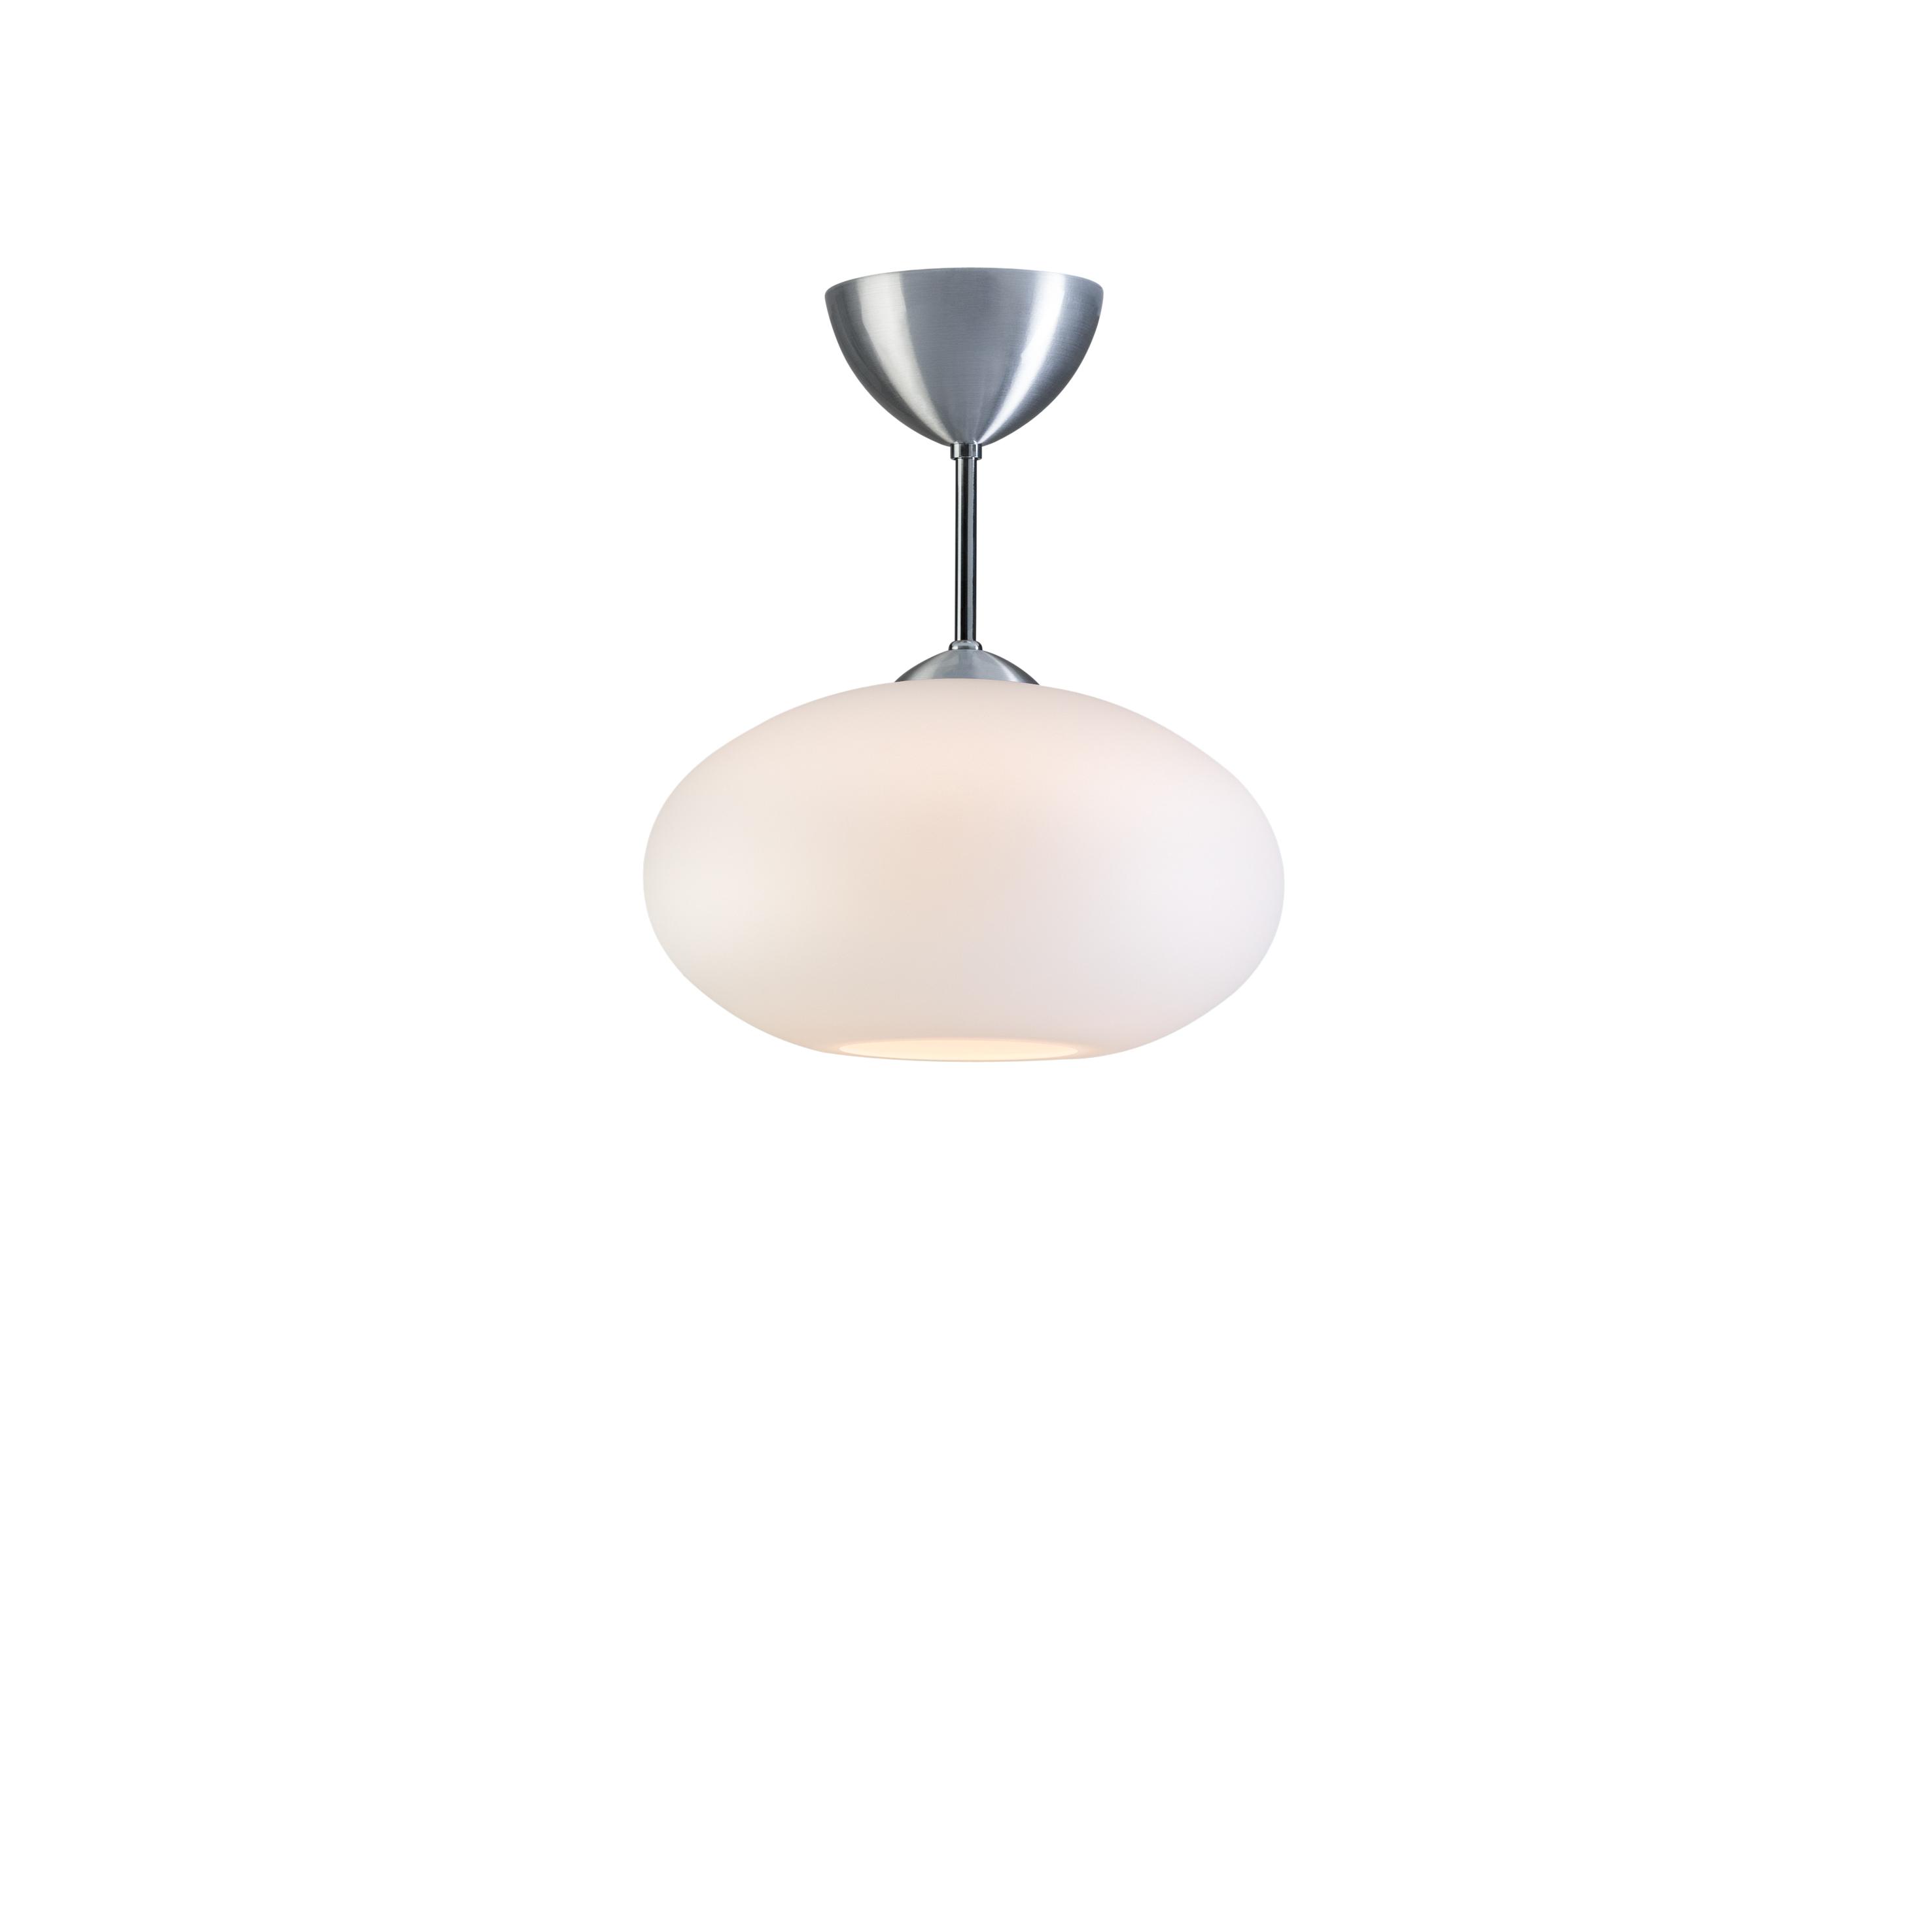 Bullo m/stang opalhvitt glass/aluminium IP21